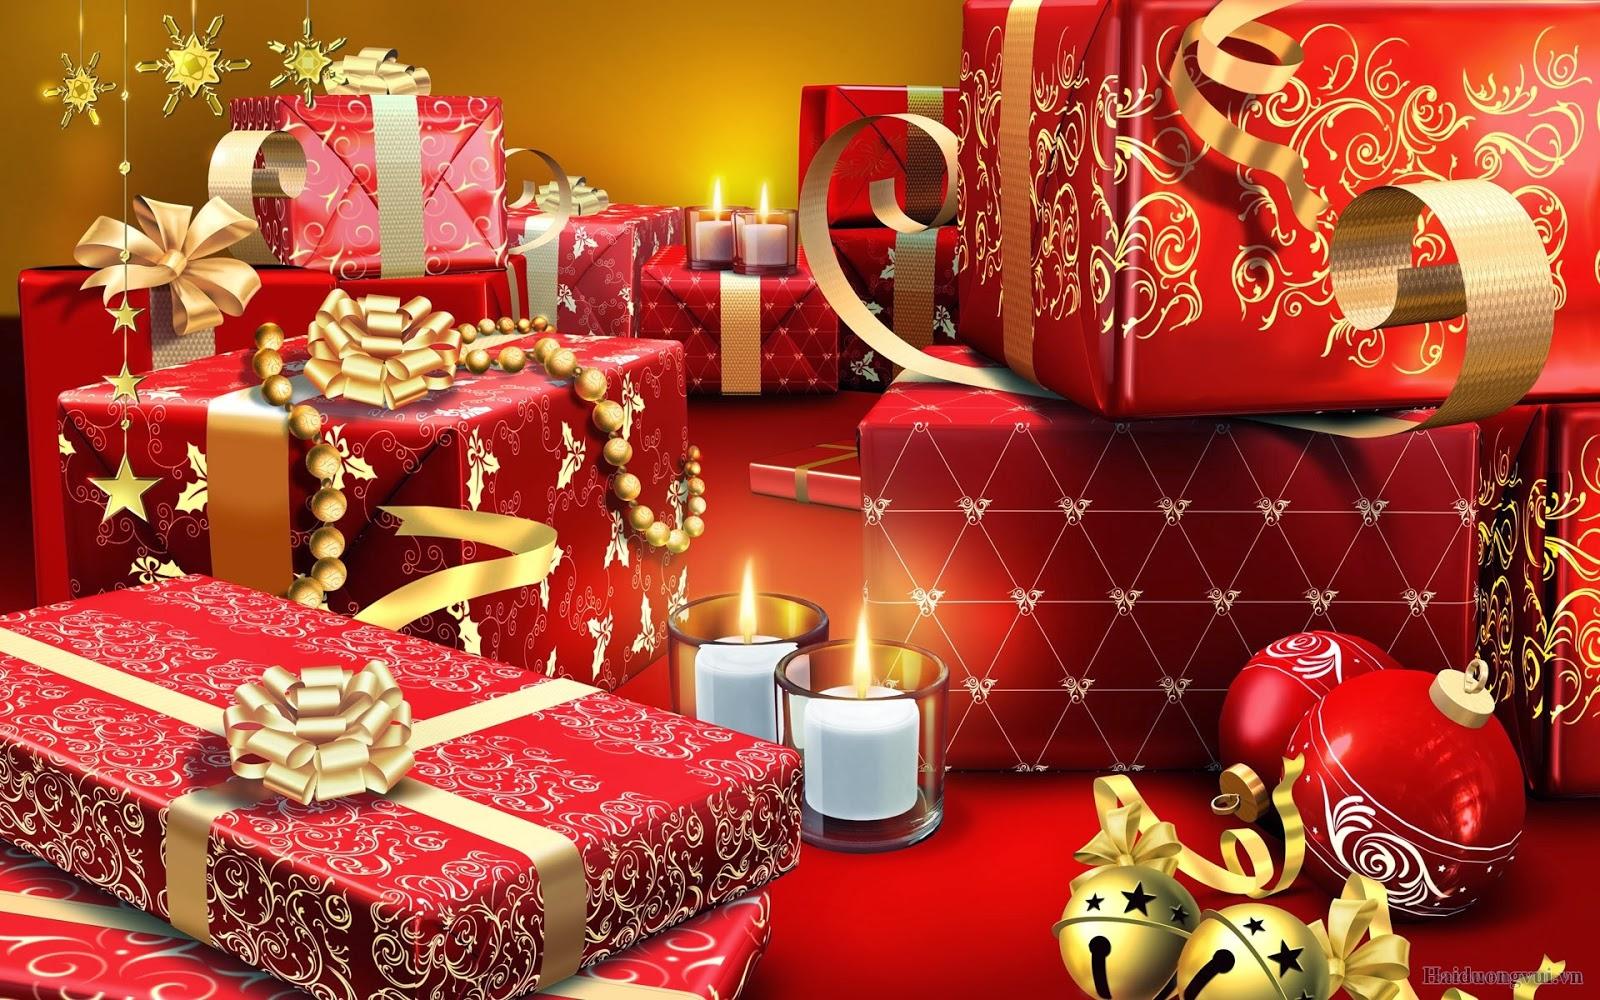 Tổng Hợp Các Album Ảnh Merry Christmas Đẹp Nhất 2013